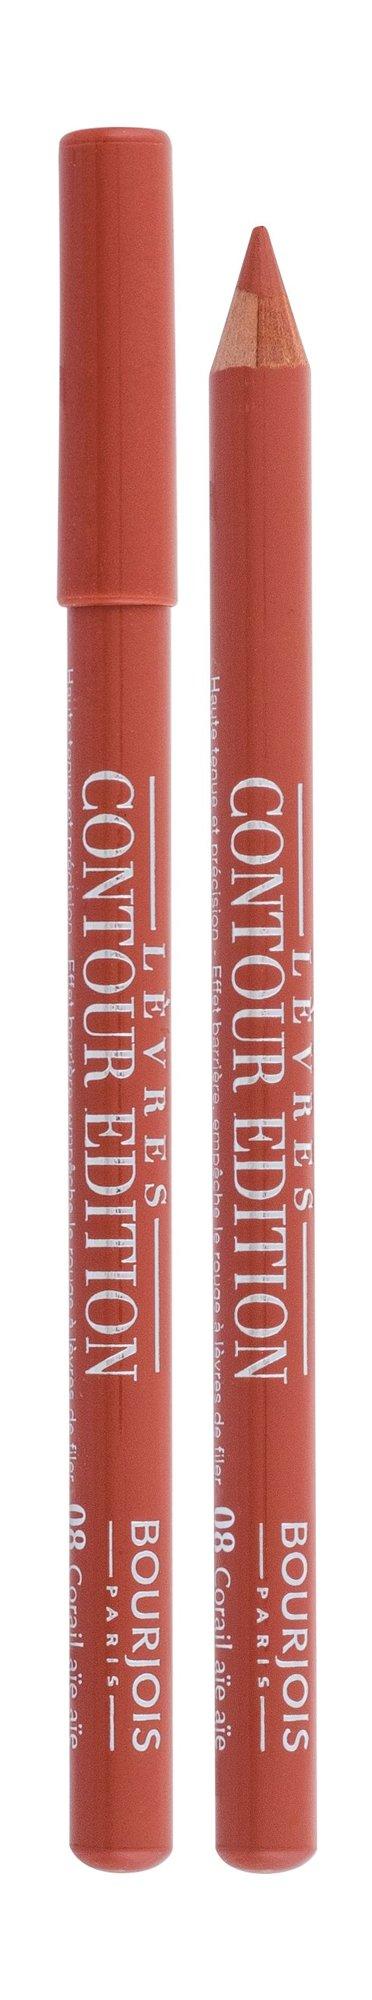 BOURJOIS Paris Contour Edition Cosmetic 1,14ml 08 Corail Aie Aie